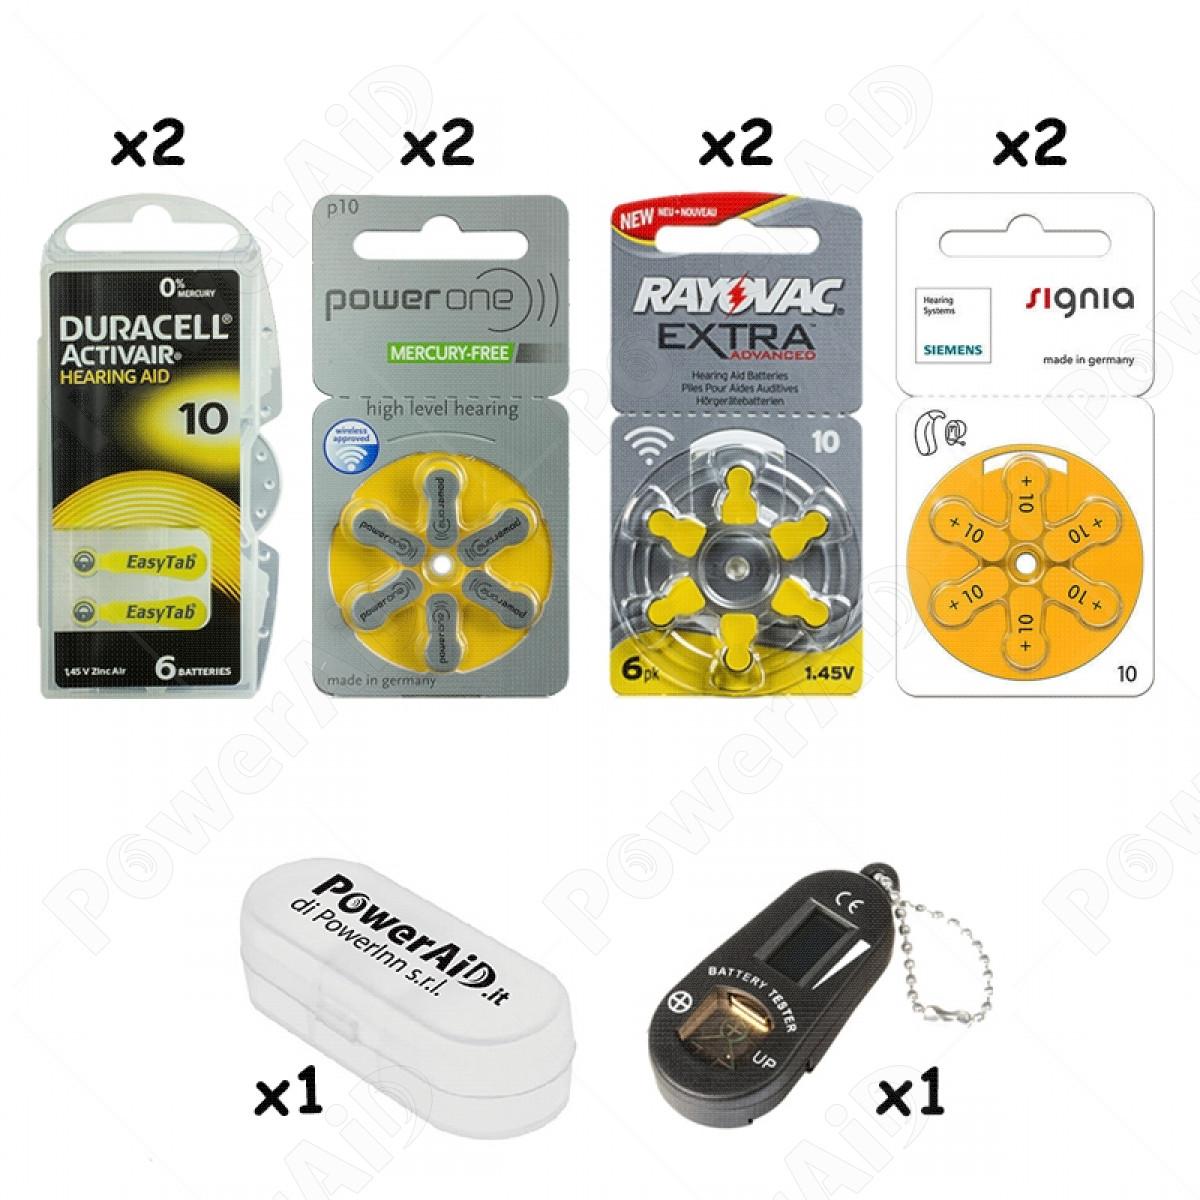 KIT DI PROVA - Misura 10 - Colore giallo